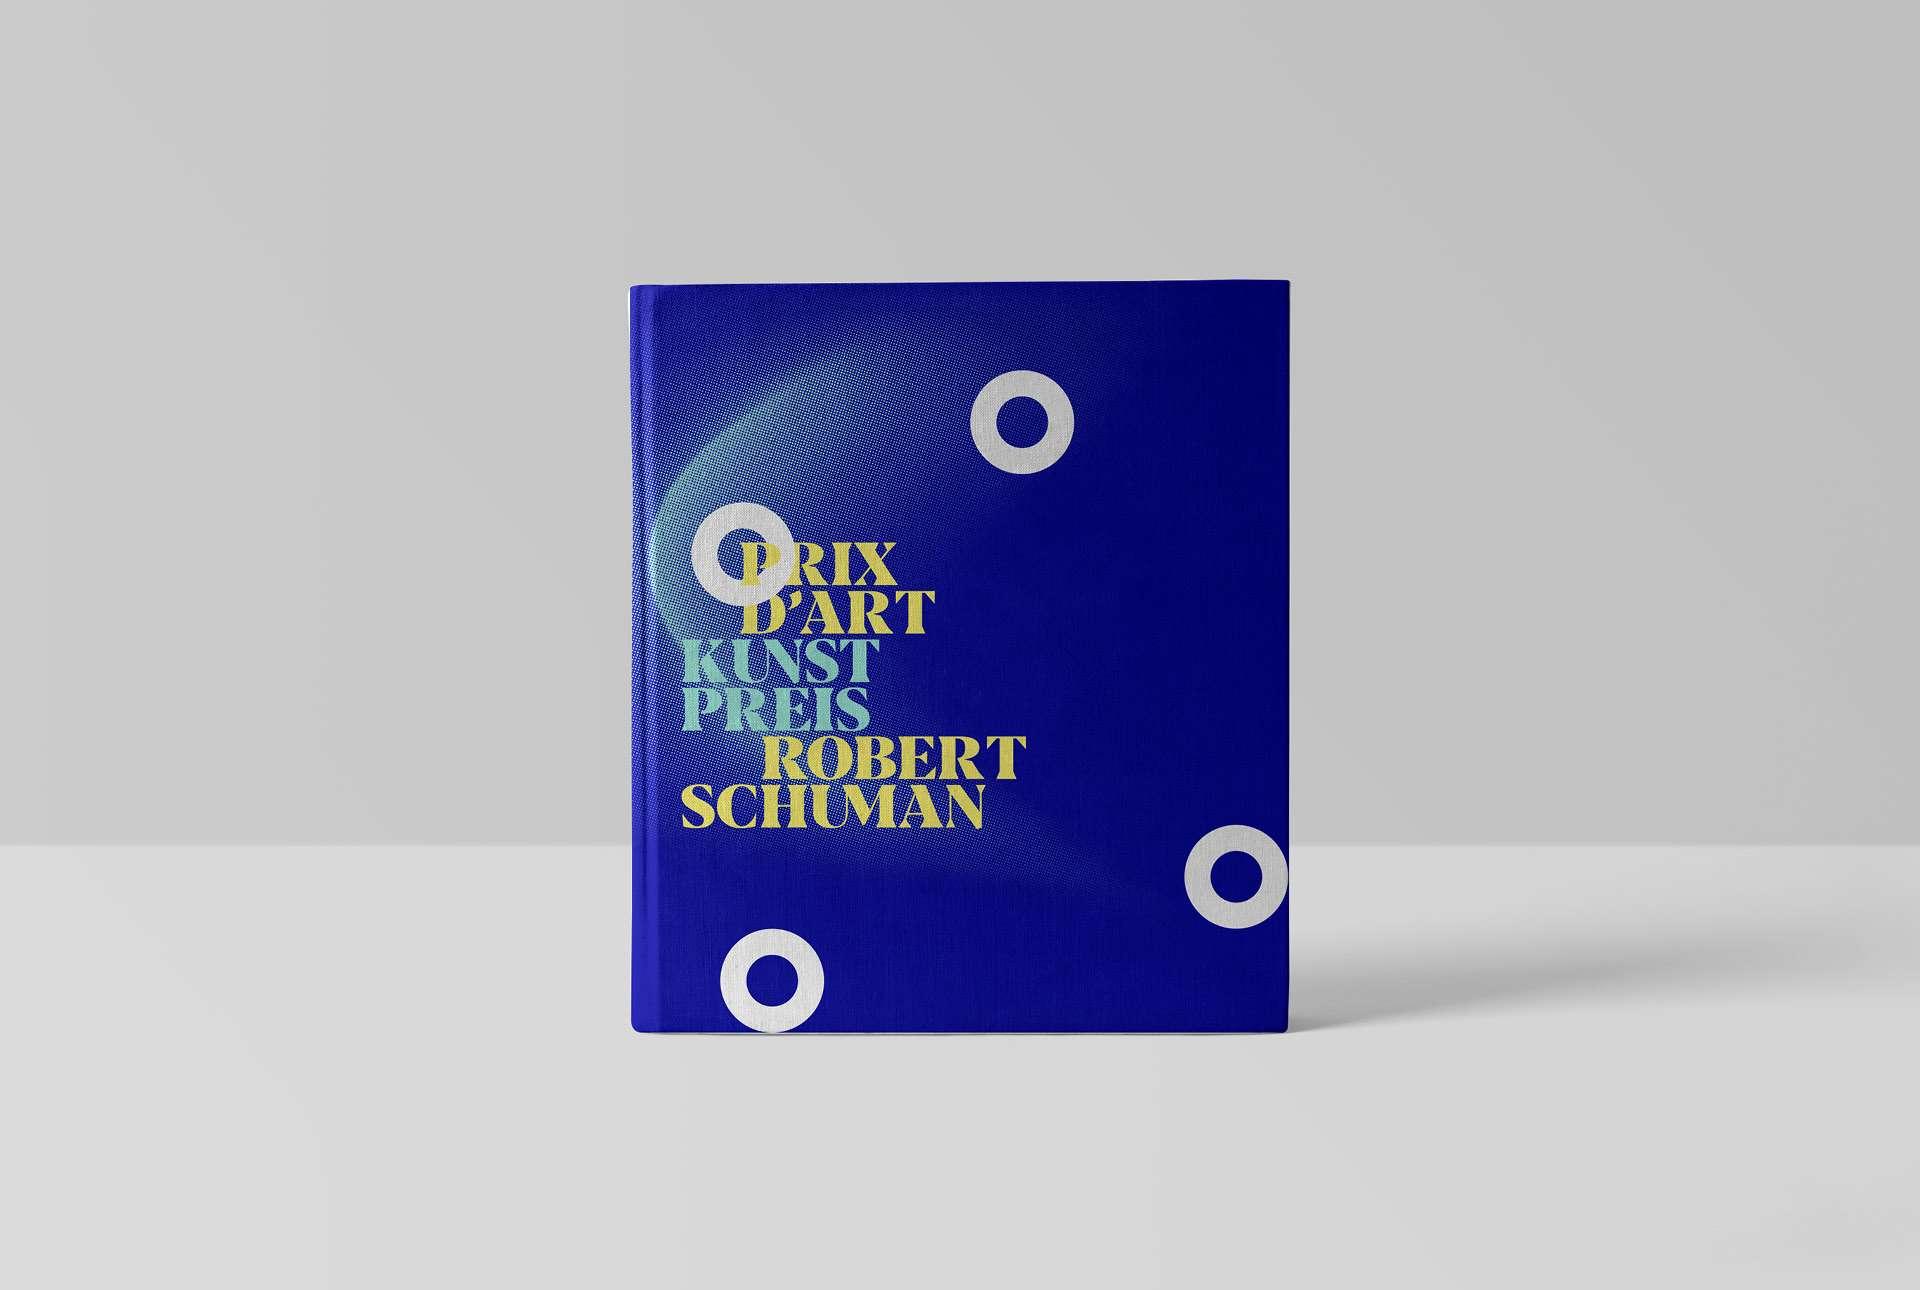 Livre dédié au Prix d'Art Robert Schuman 2019 ; une couverture en accord avec l'identité visuelle réalisée par Comed